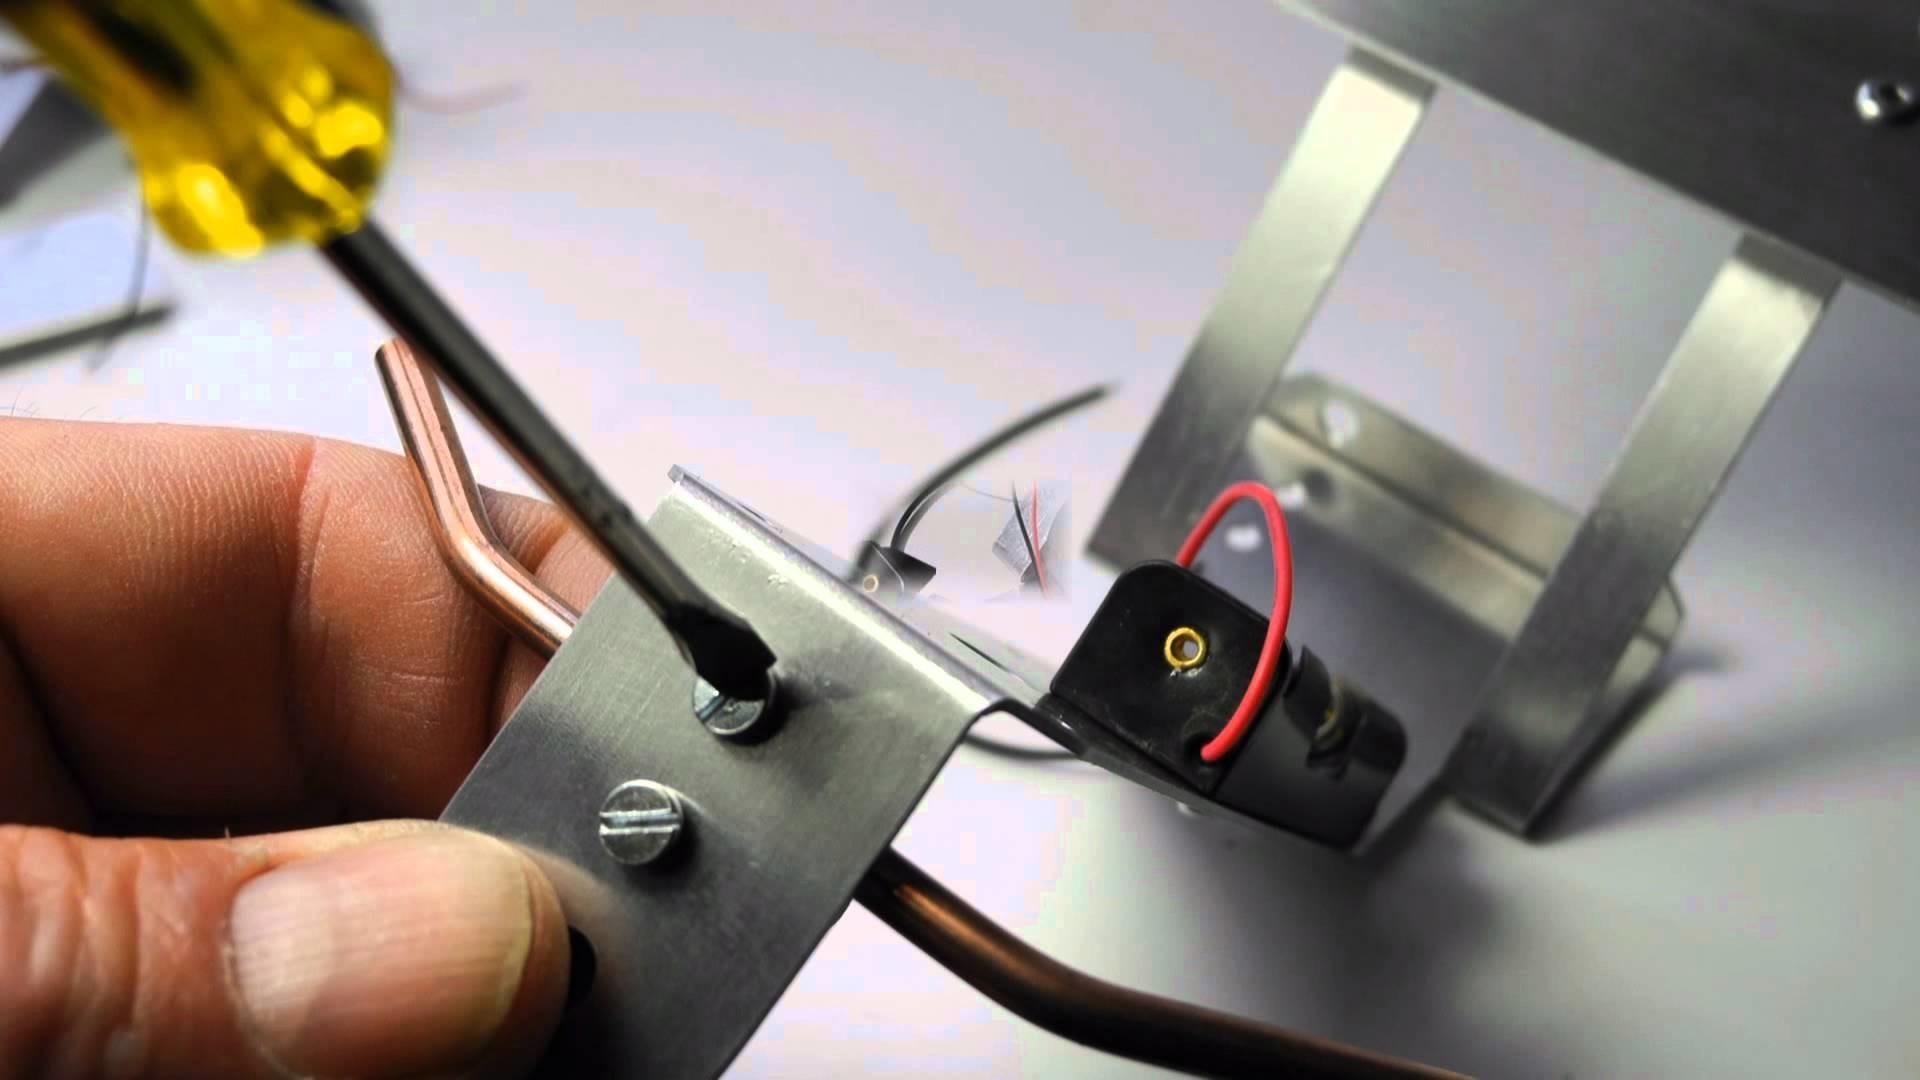 Opitec-Bausatz Solar-Trike mit Akku, Getriebe und LED, Artikelnummer 110693 im Opitec Shop